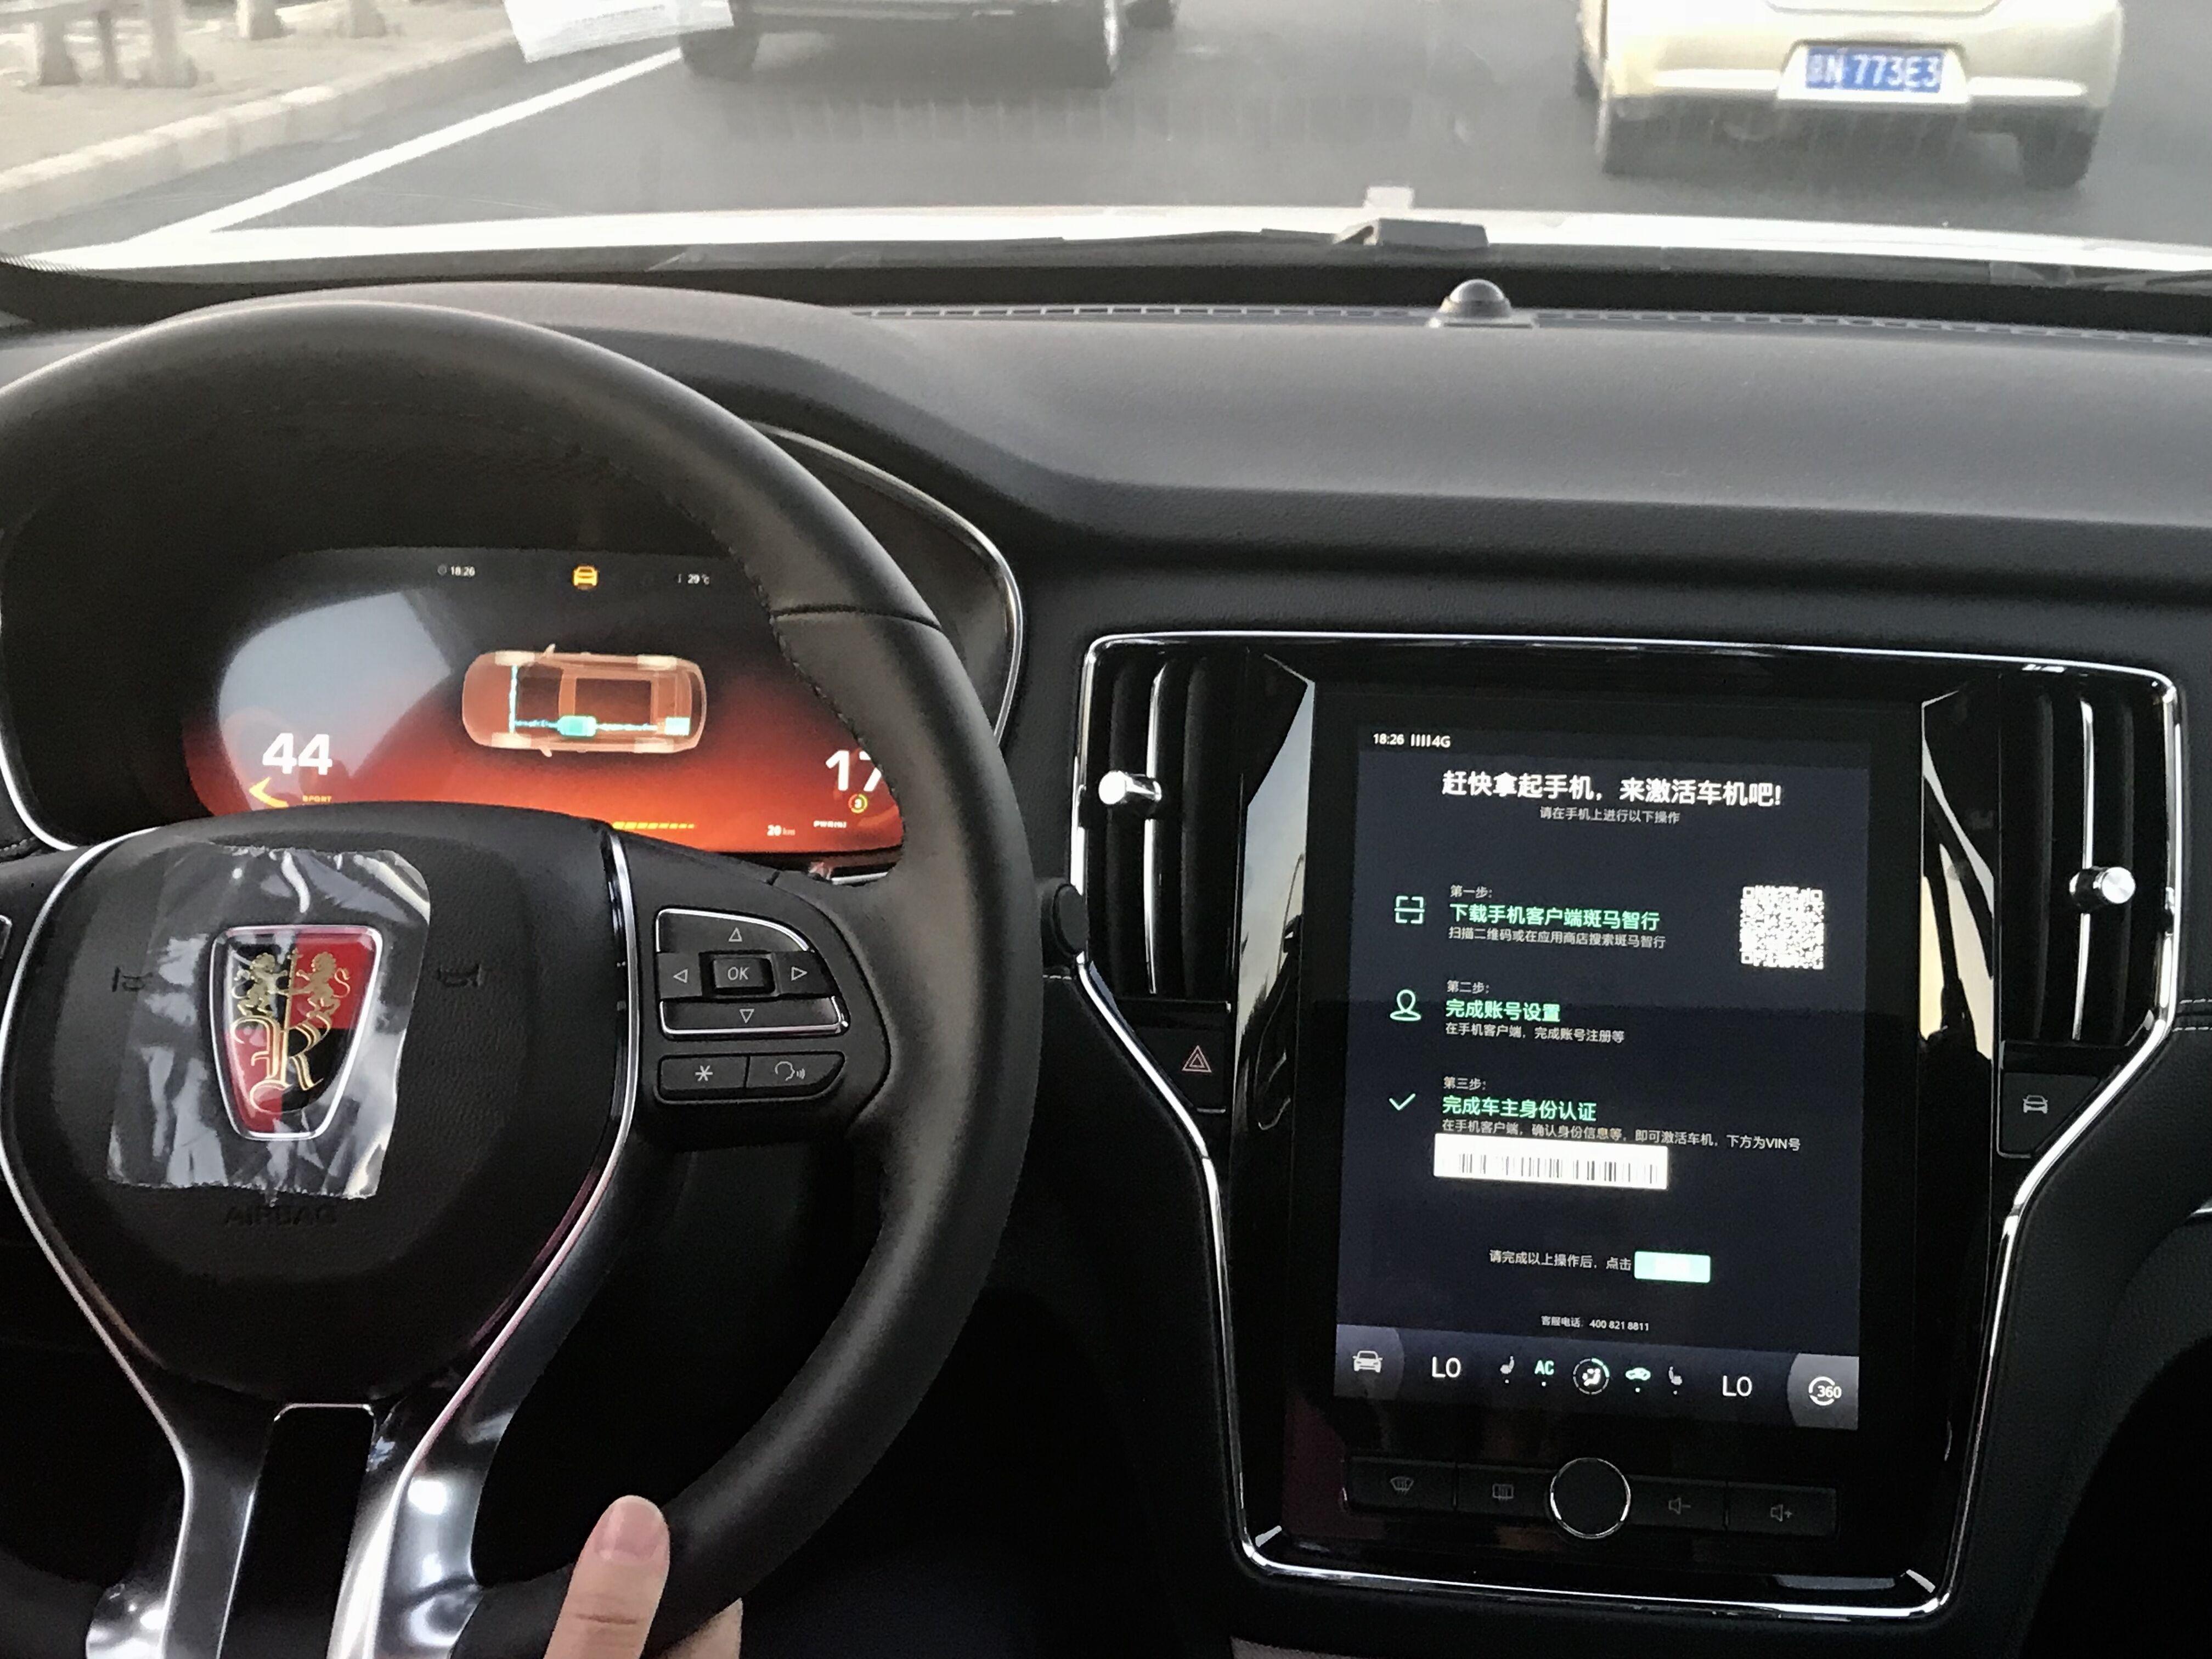 车企回购成本高企 二手新能源汽车残值利用该由谁主导?